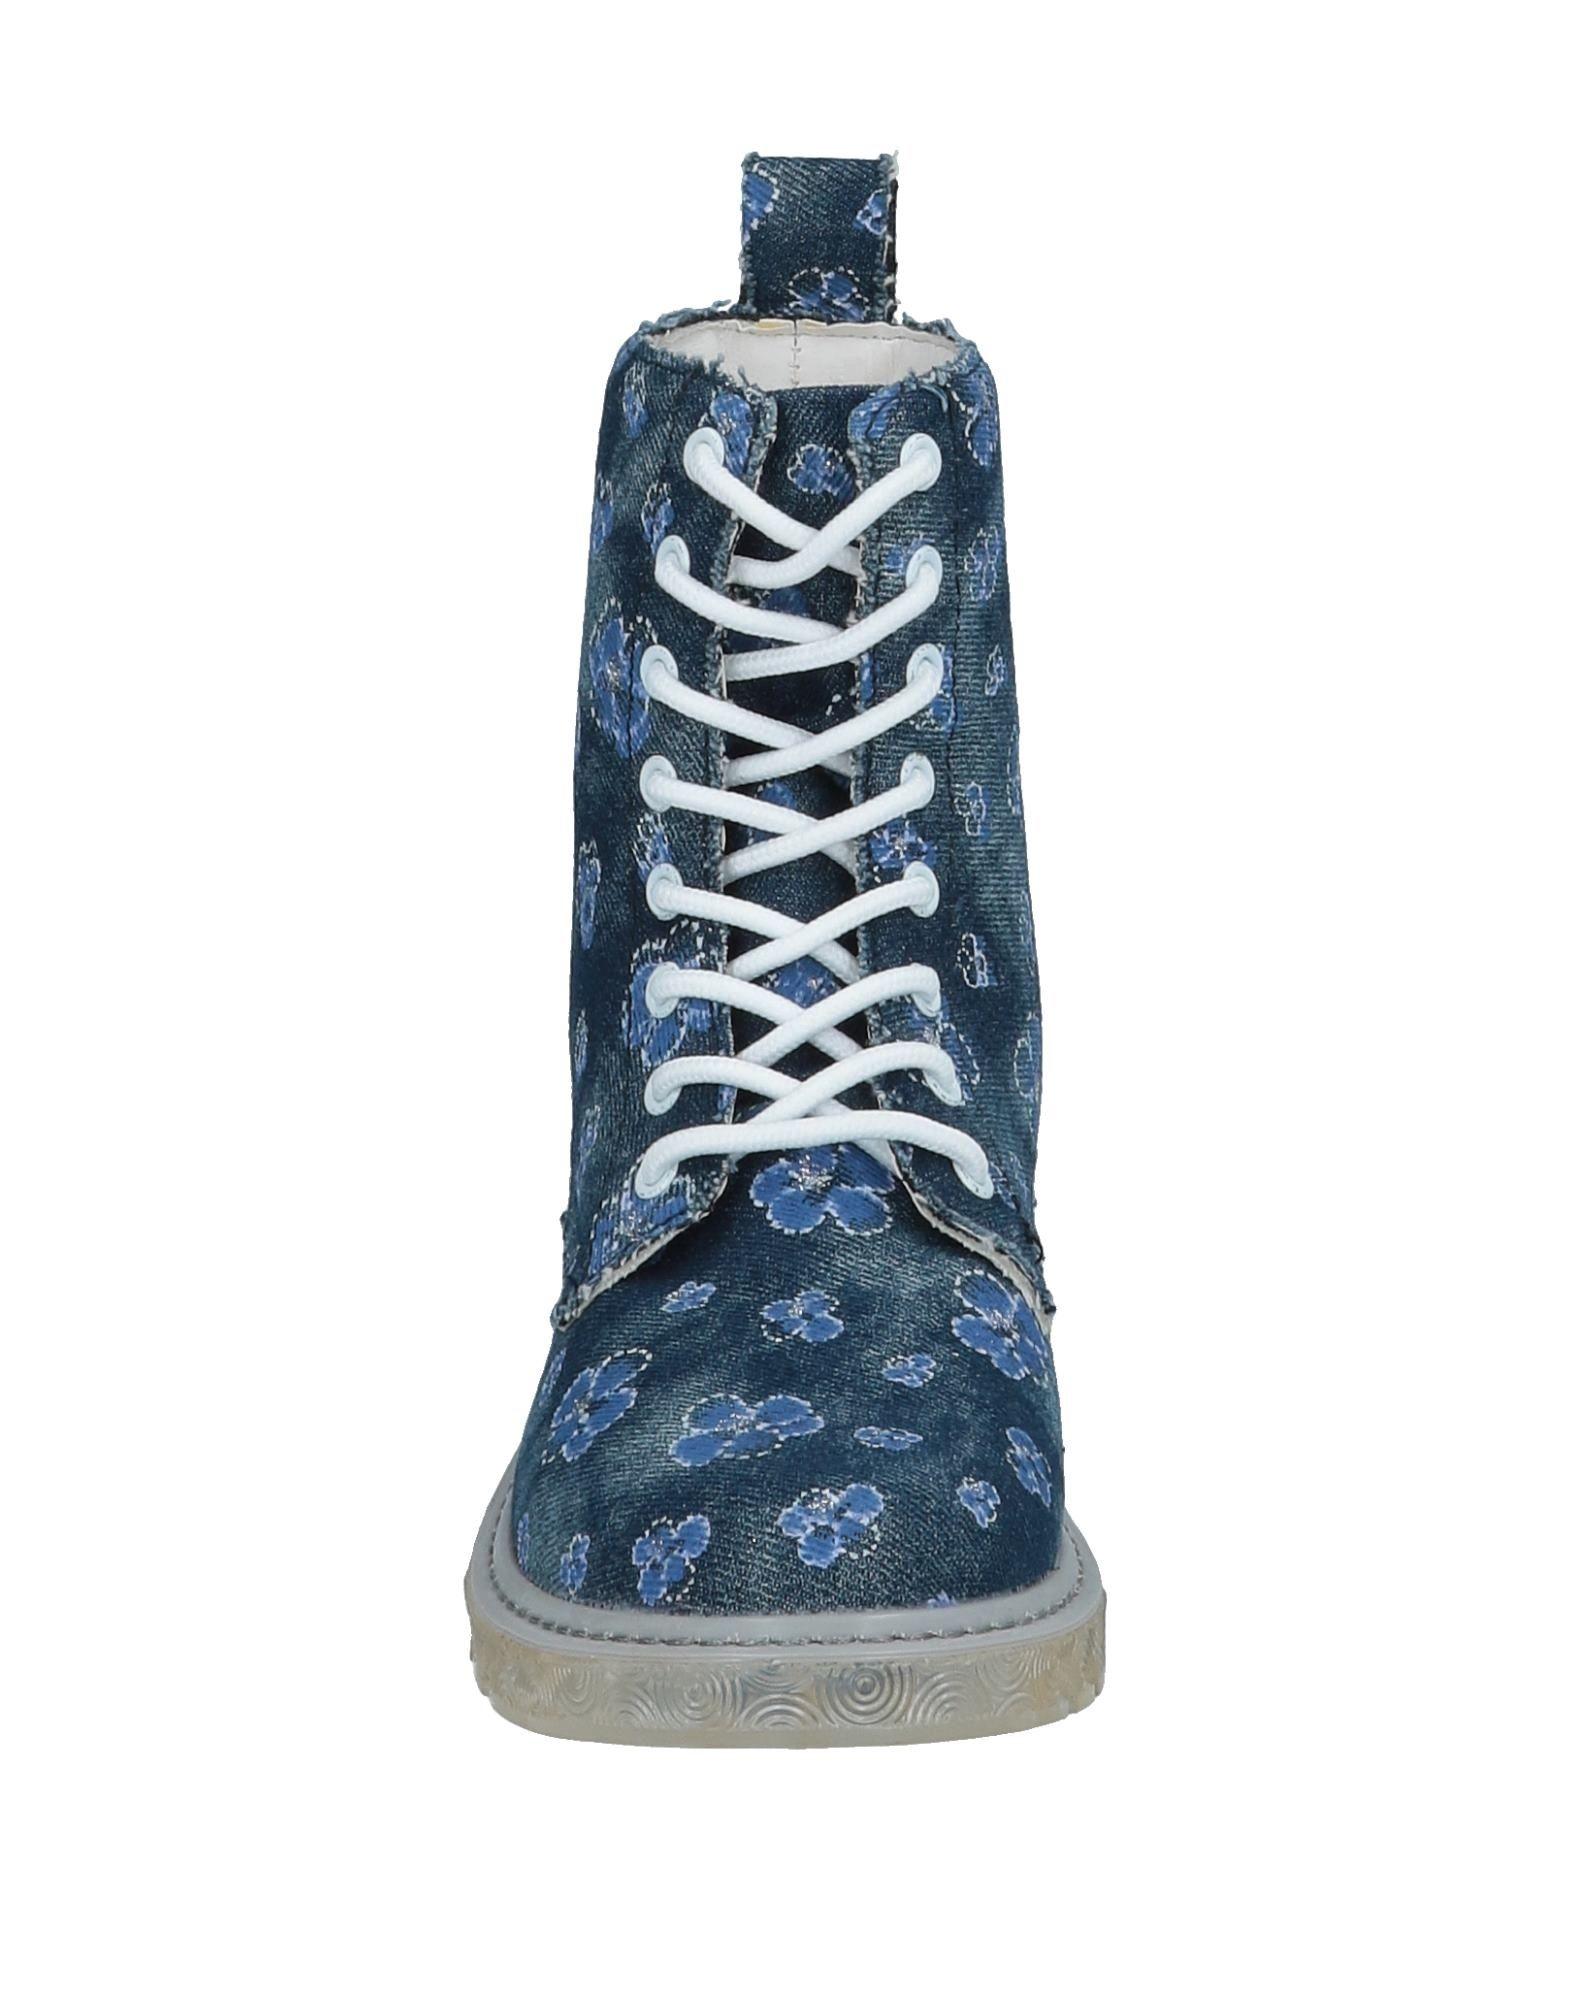 Cafènoir Stiefelette Qualität Damen  11533230QW Gute Qualität Stiefelette beliebte Schuhe 013477